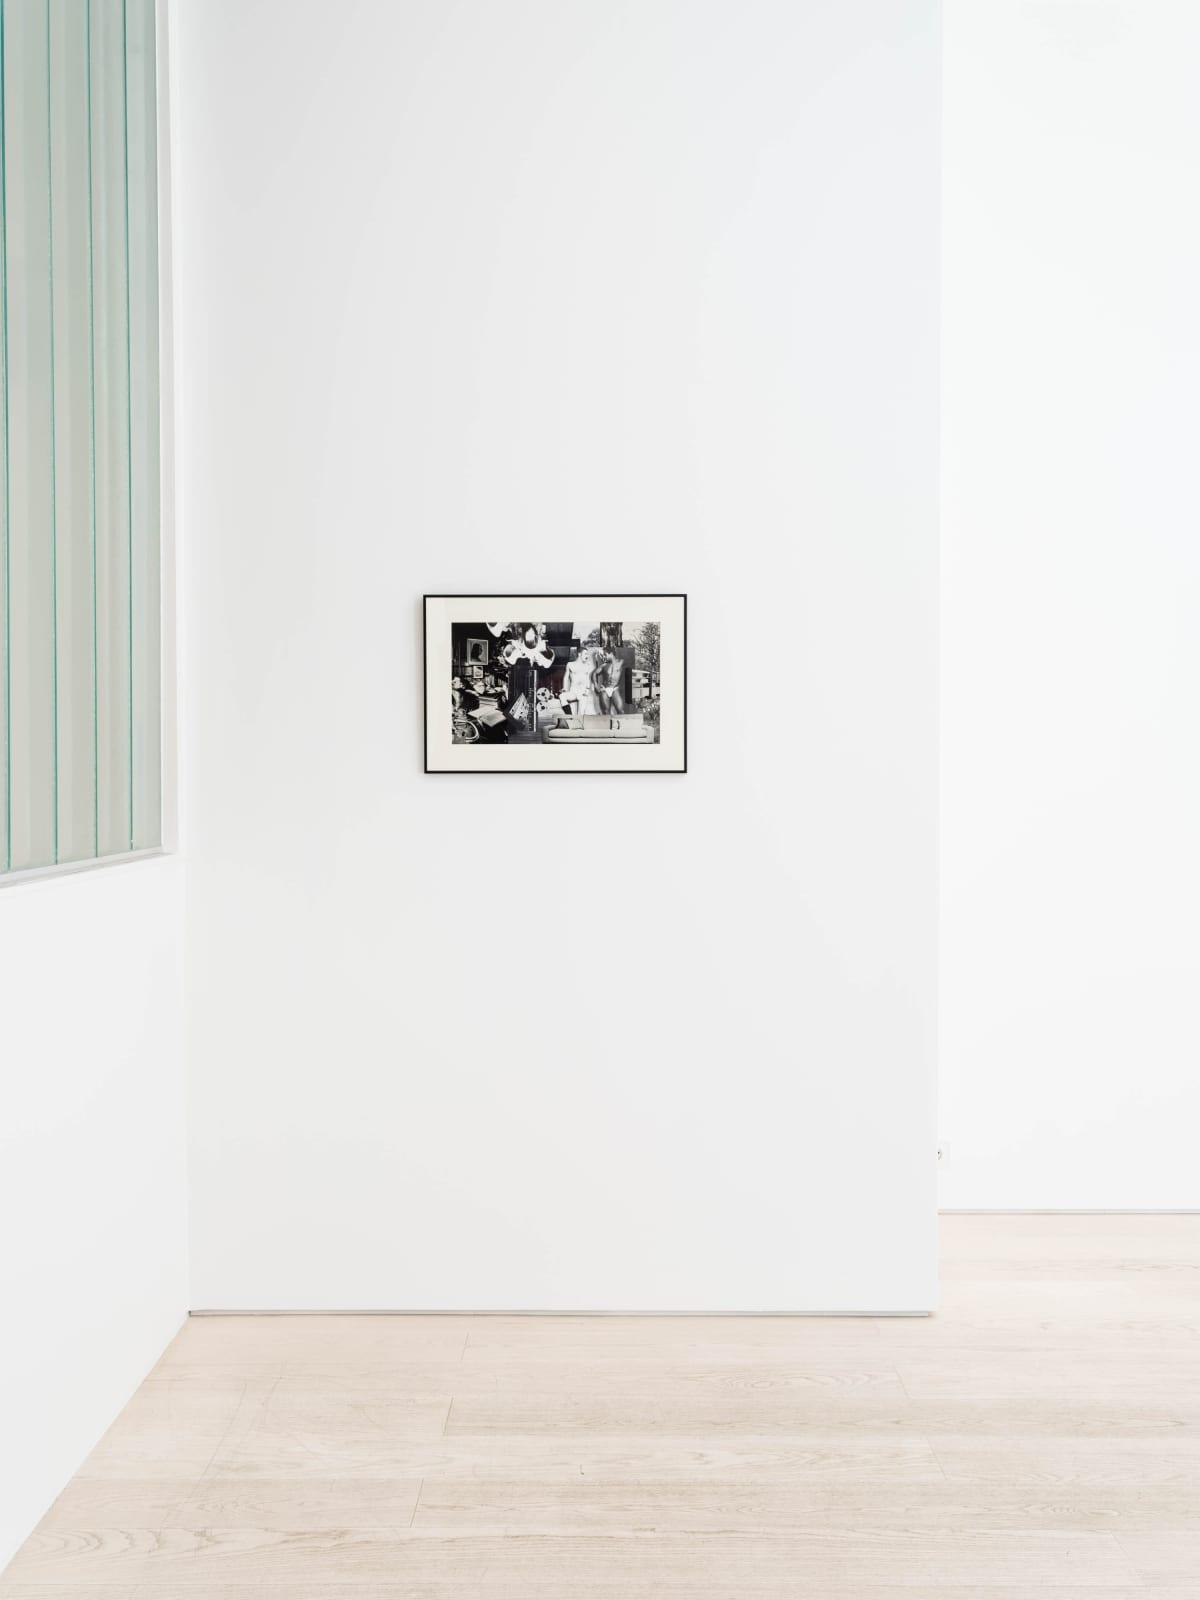 Linder, Someone Like You Installation view, Andréhn-Schiptjenko, Stockholm, Sweden, 2021